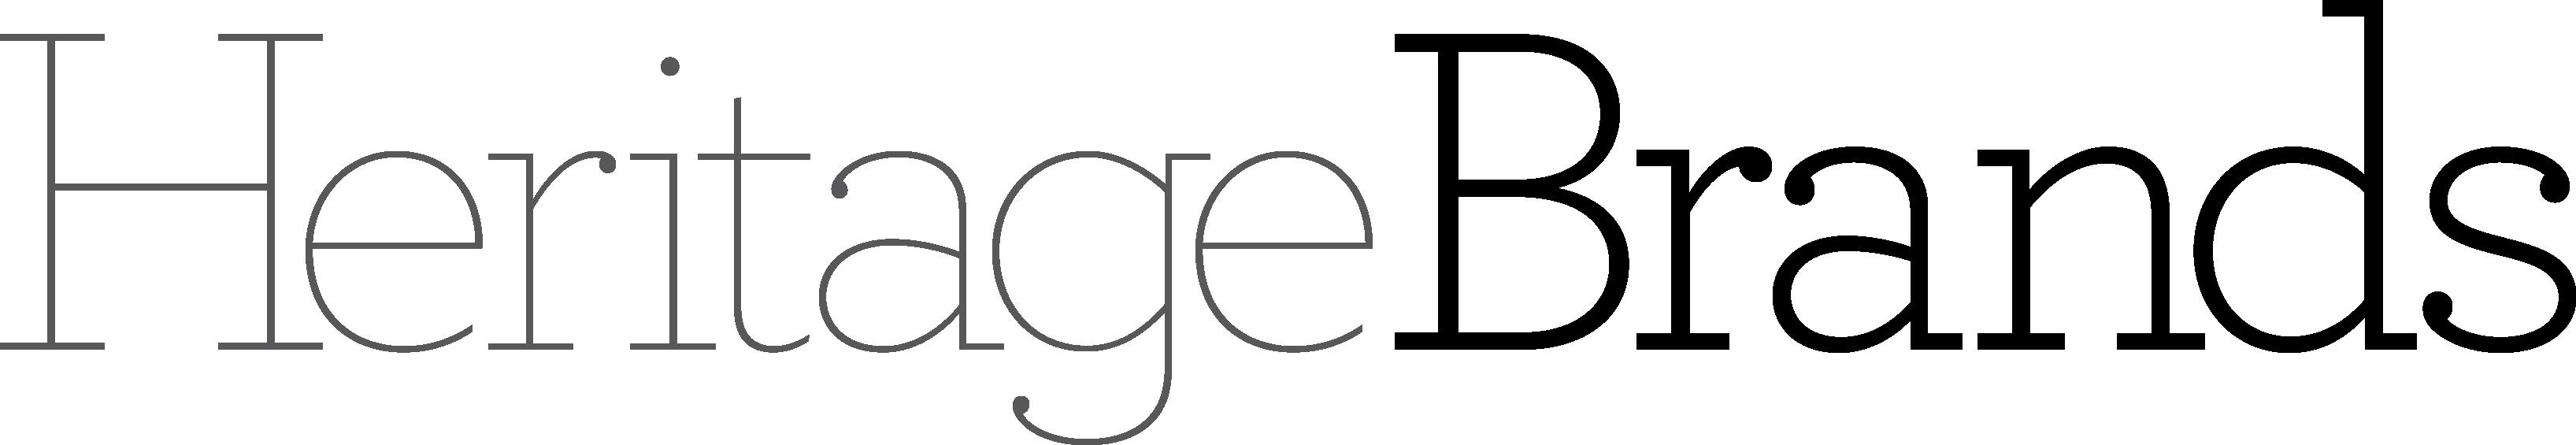 Heritage Brands